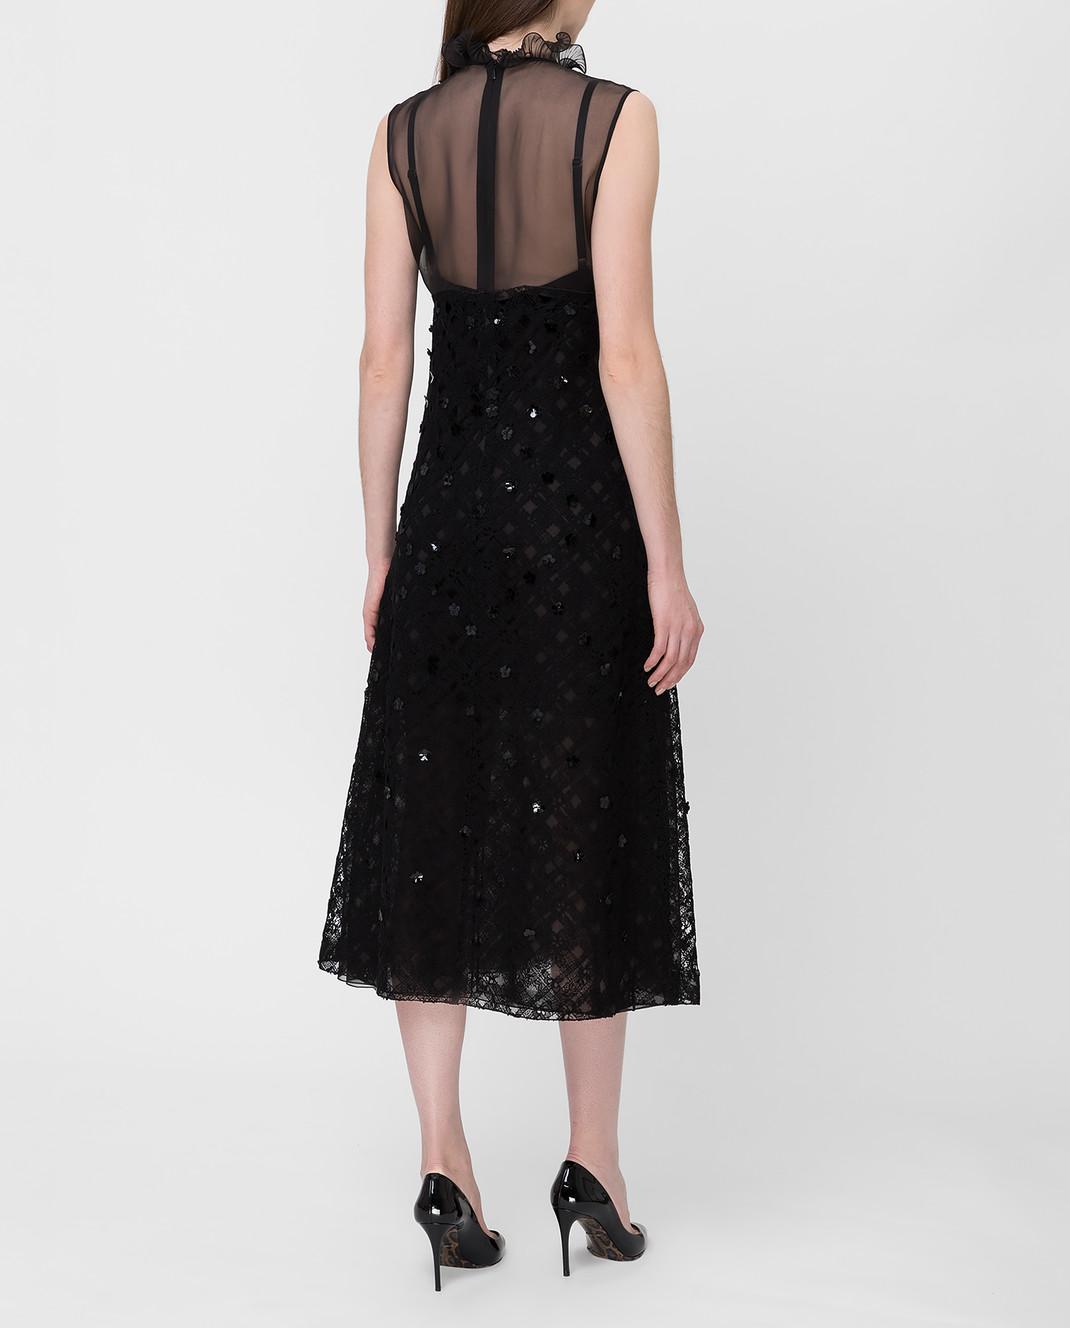 Bottega Veneta Черное платье с пайетками 523986 изображение 4